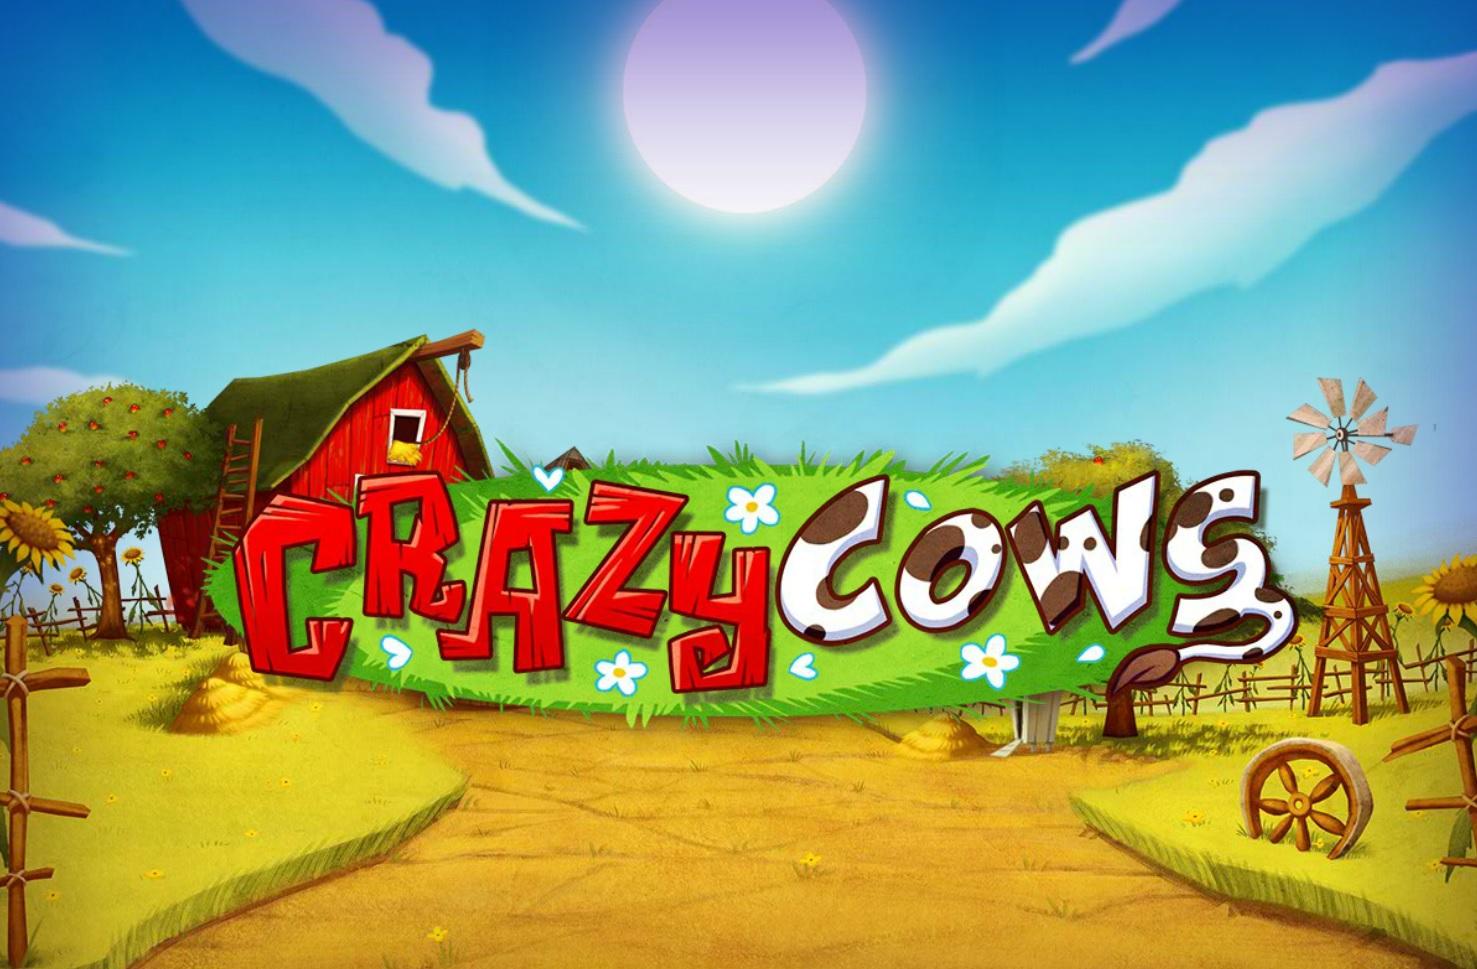 crazy-cows-logo